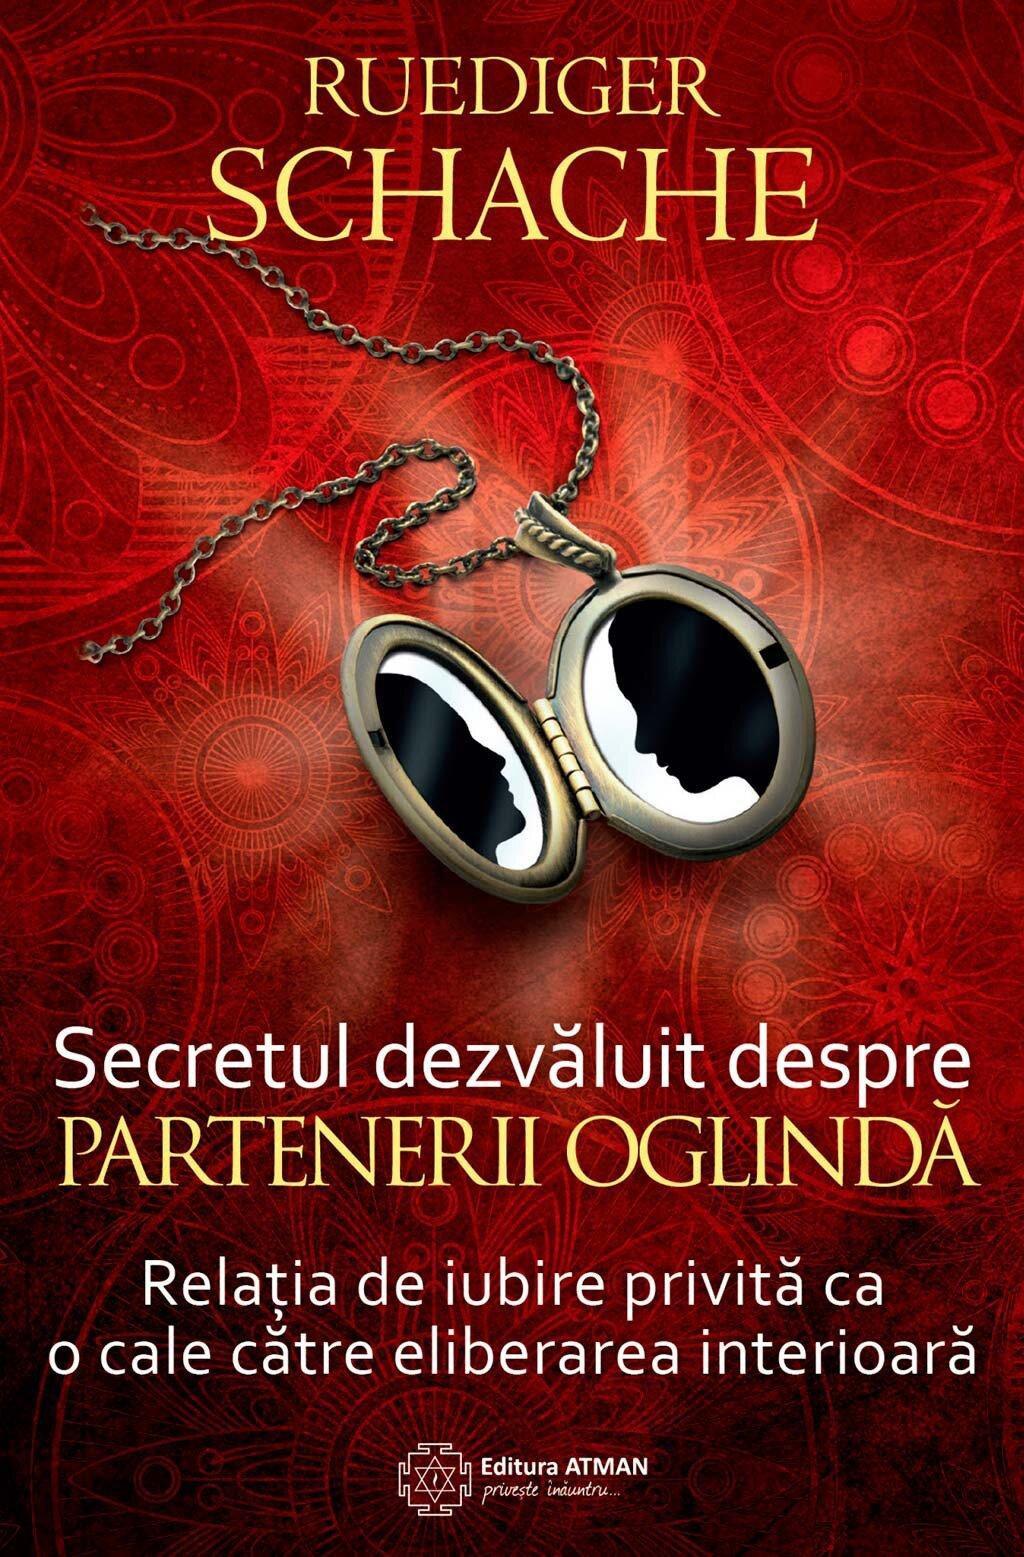 Secretul dezvaluit despre partenerii oglinda. Relatia de iubire privita ca o cale catre eliberarea interioara (eBook)